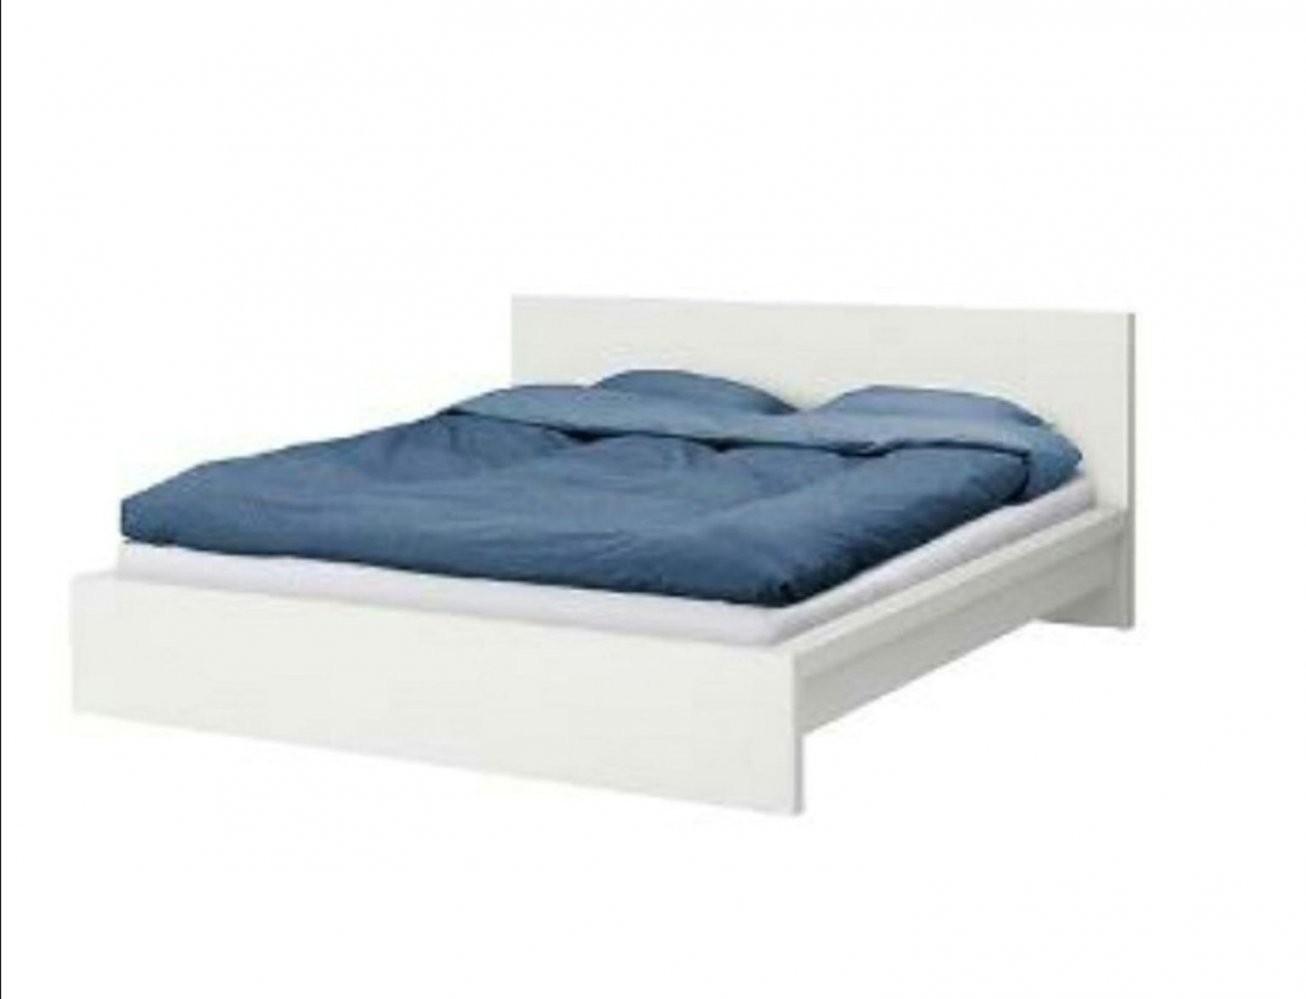 Gebraucht Ikea Malm Bett 140X200 Weiß In 68623 Lampertheim Um von Ikea Bett Malm 140X200 Weiß Bild